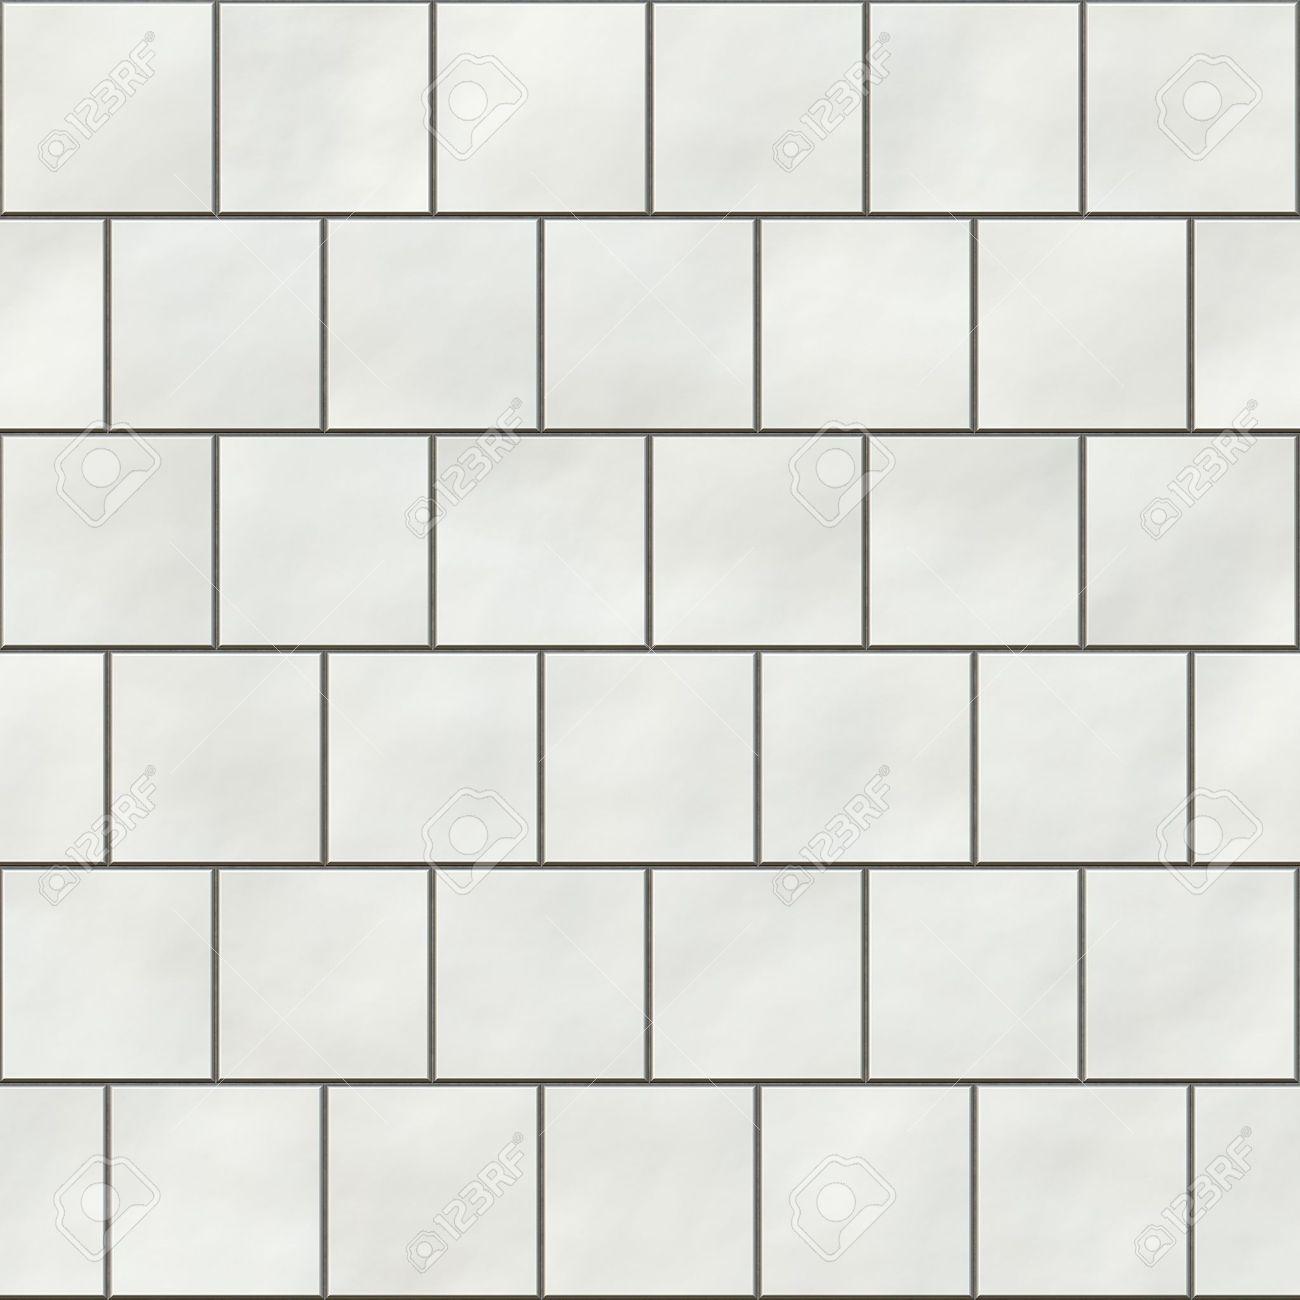 Bathroom White Tiles Texture Seamless Seamless White Square Tiles